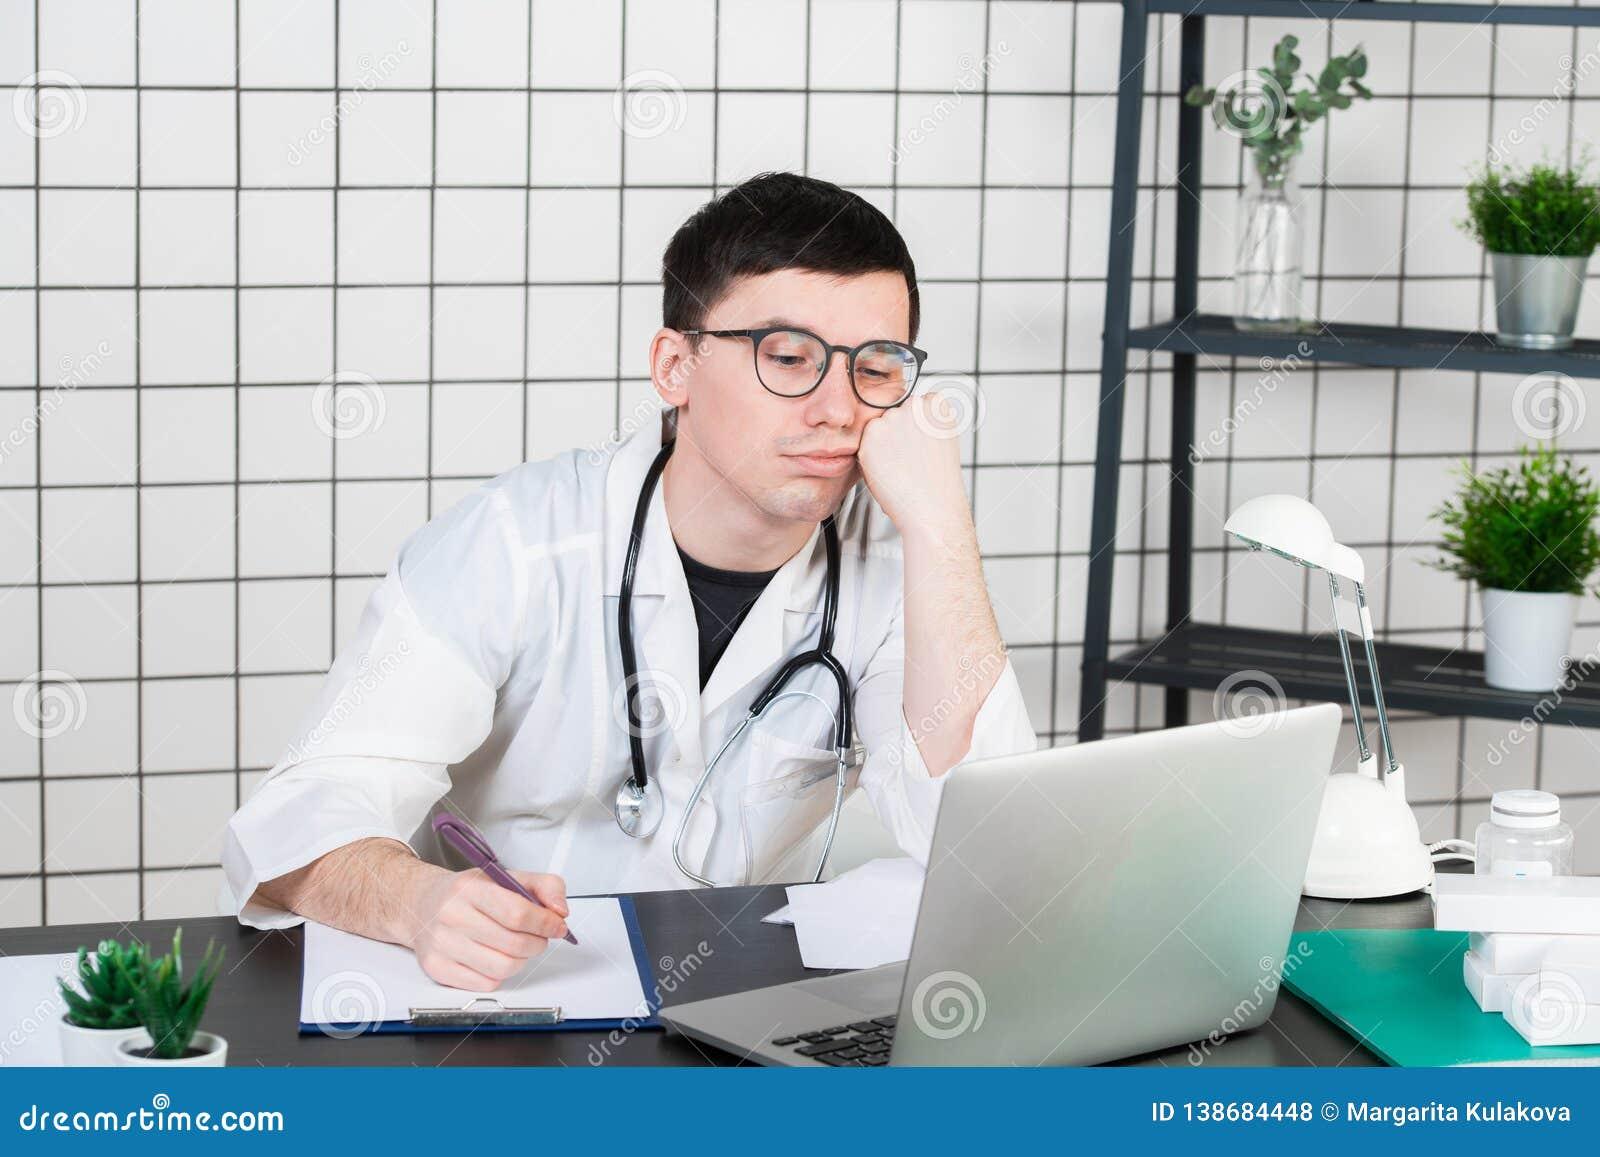 Betonter Doktor in der Klinik unter Druck Fehlverhalten, Behandlungsfehler und Fehler oder Nachlässigkeit Arbeitsplatzeinschüchte